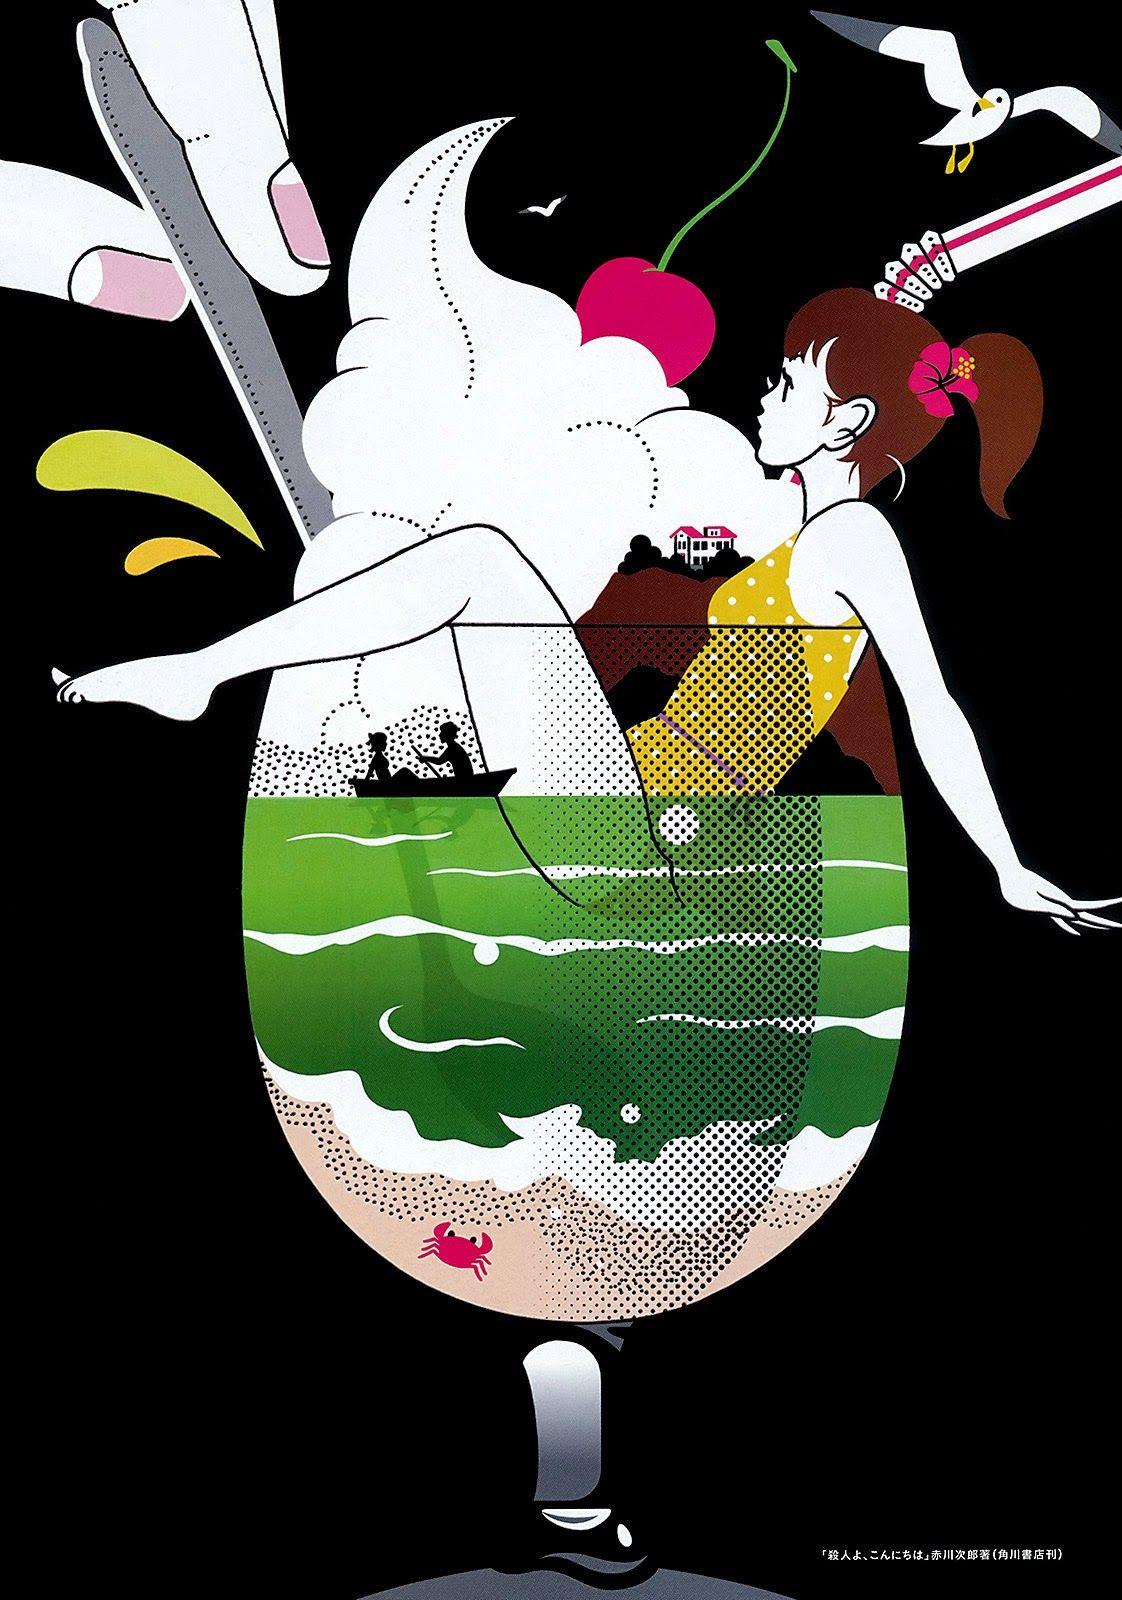 中村佑介 Yusuke Nakamura Japanese Artwork Pop Art Art